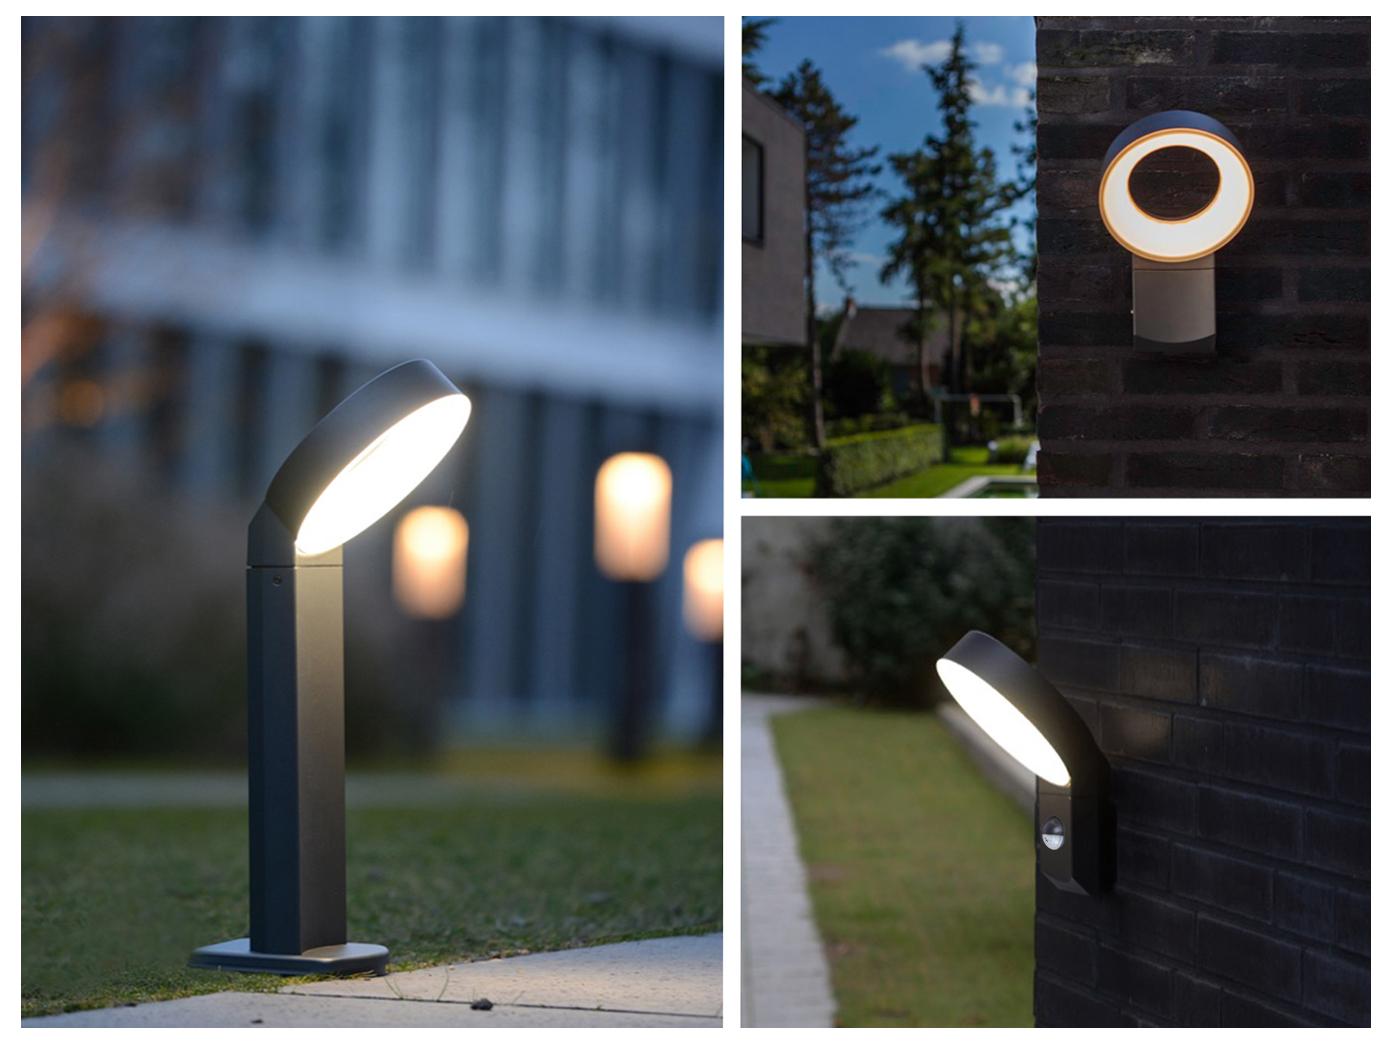 Alta calidad outdoor LED lámparas jardín aluminio parojo exterior Luces con detector de movimiento